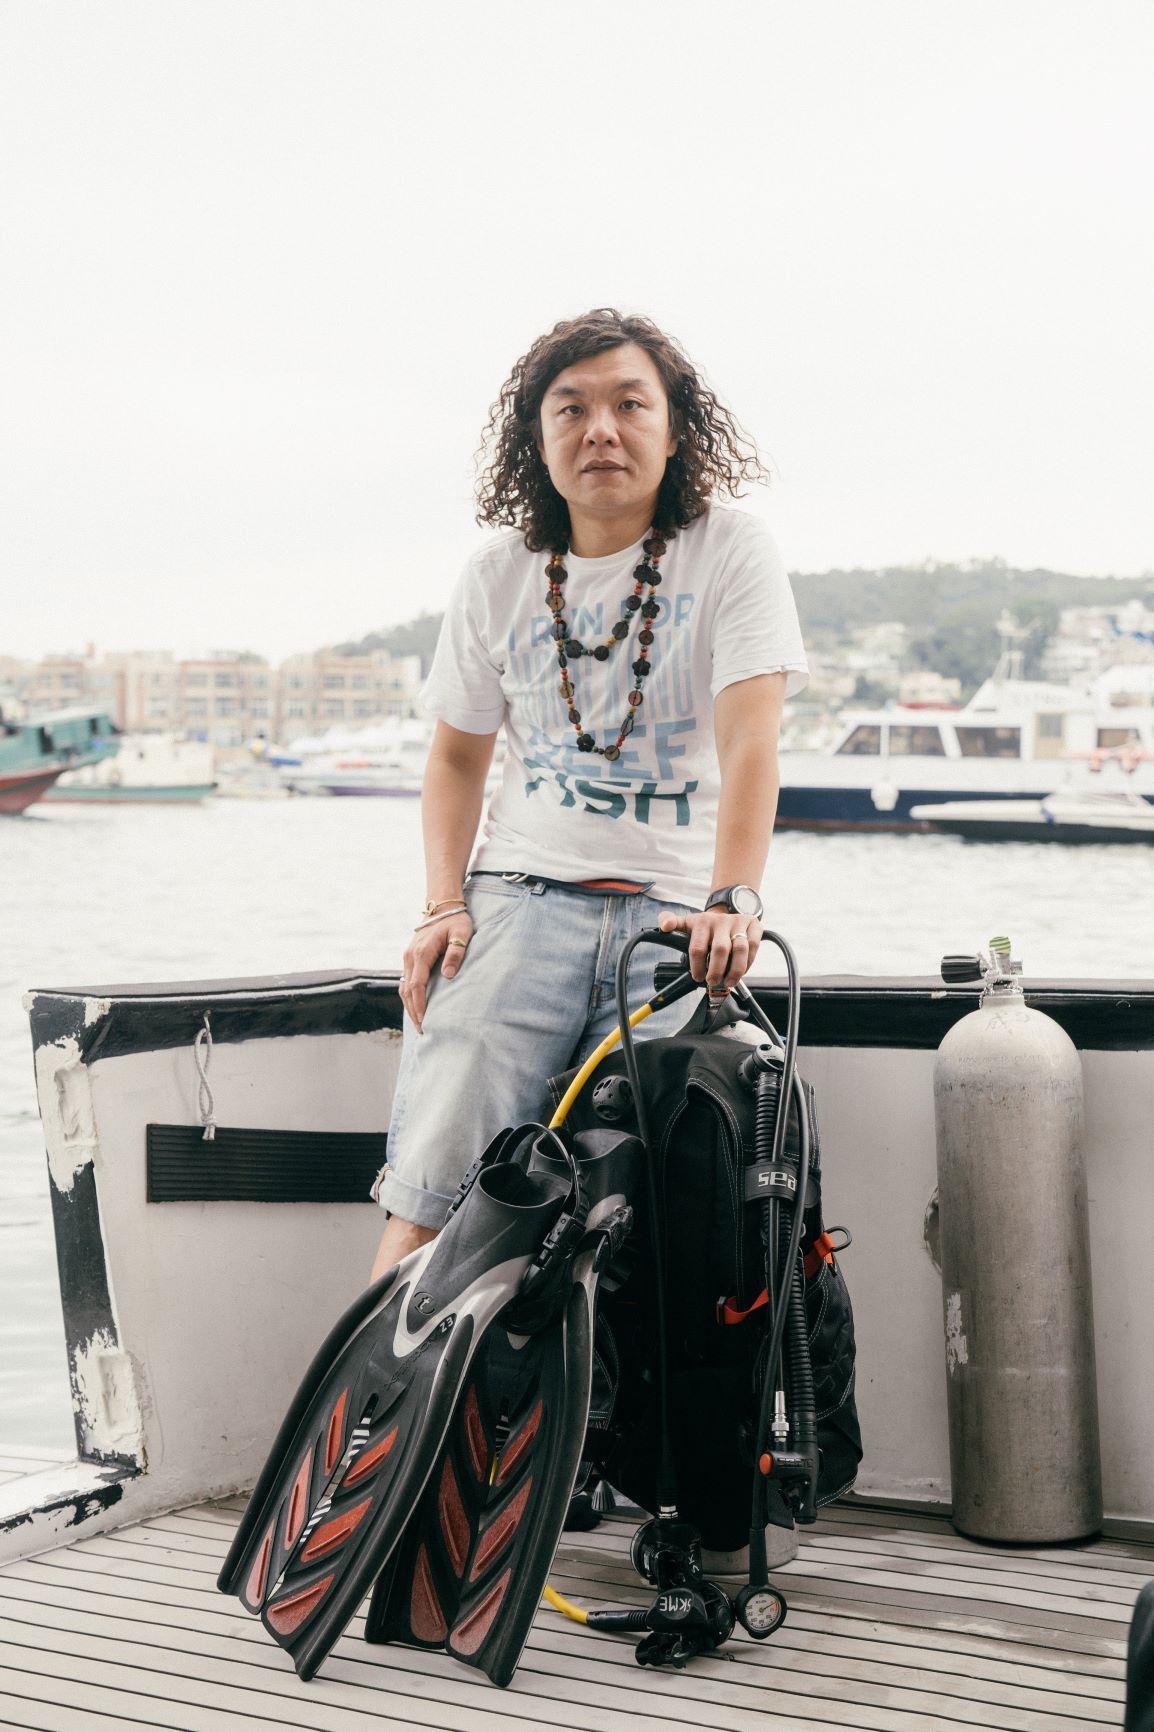 珊瑚魚普查工作已經做了6年,Stan說資料庫要持續更新,海洋情況須持續監測。© Patrick Cho / Greenpeace